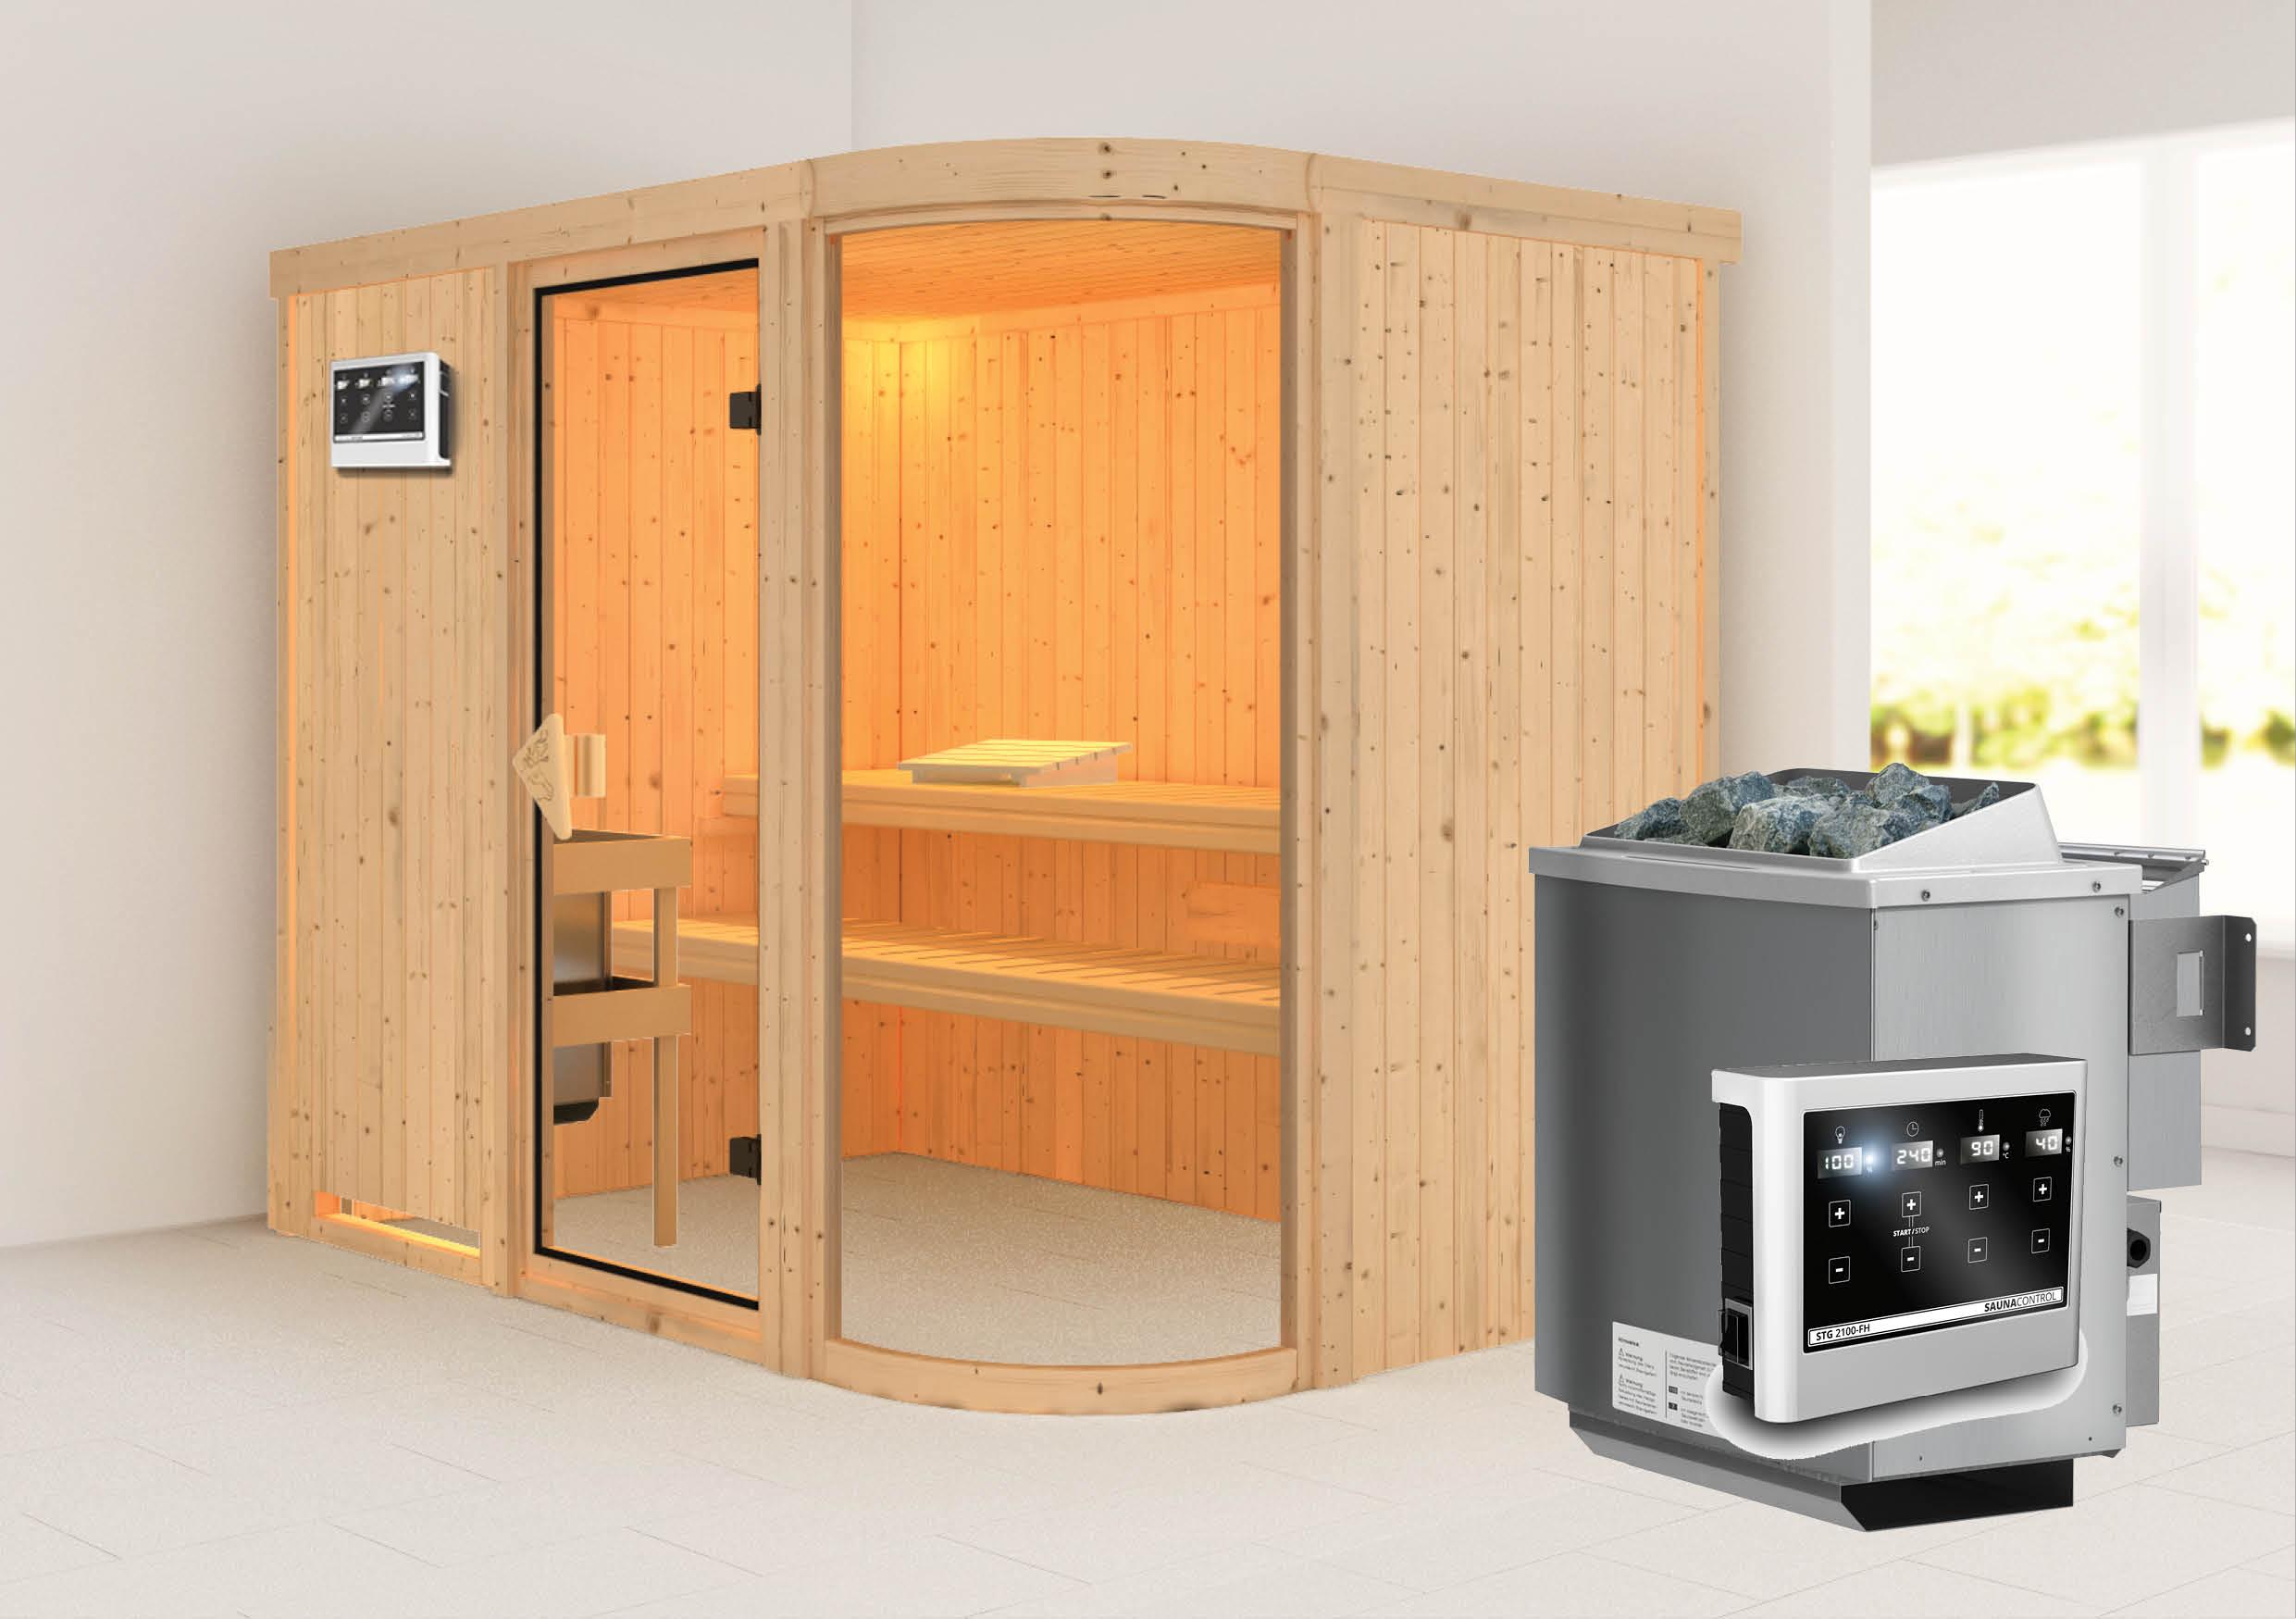 karibu sauna parima 4 2 31 x 1 70 m 68 mm mit 9 kw ofen saunakabine elementsauna ebay. Black Bedroom Furniture Sets. Home Design Ideas